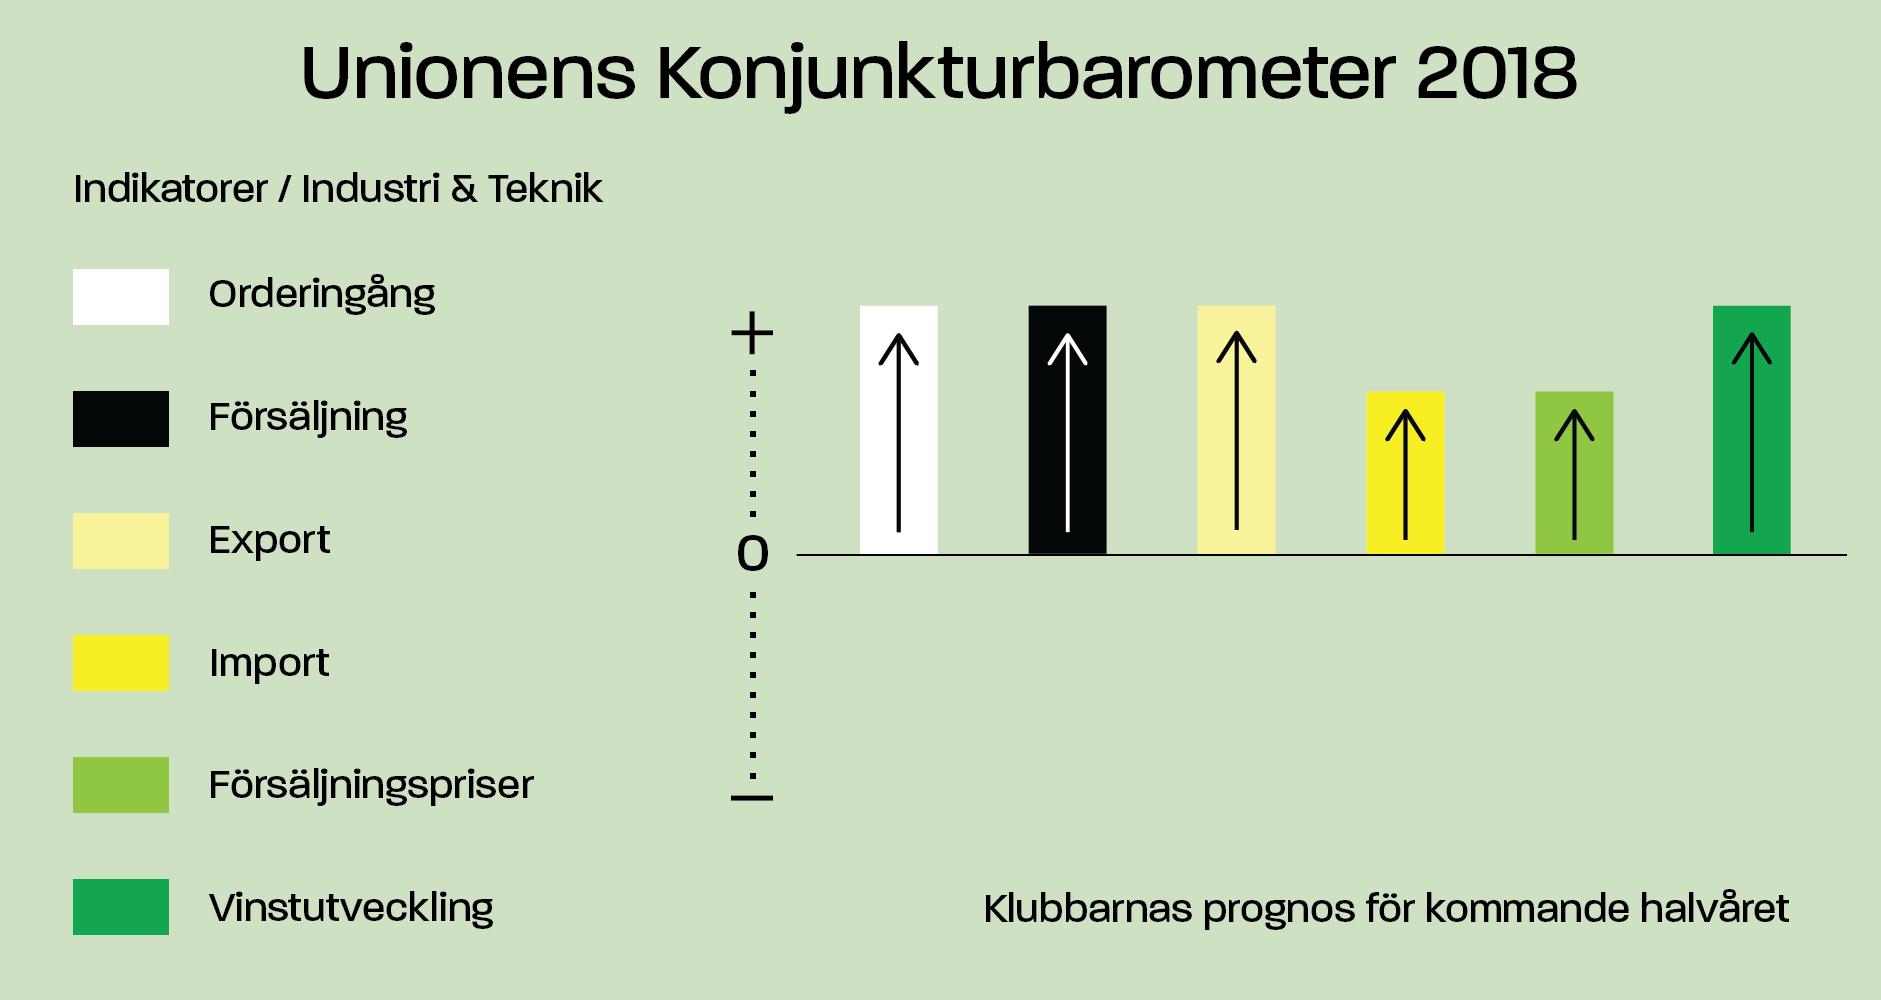 Unionens konjunkturbarometer Industri & Teknik (indikatorer)